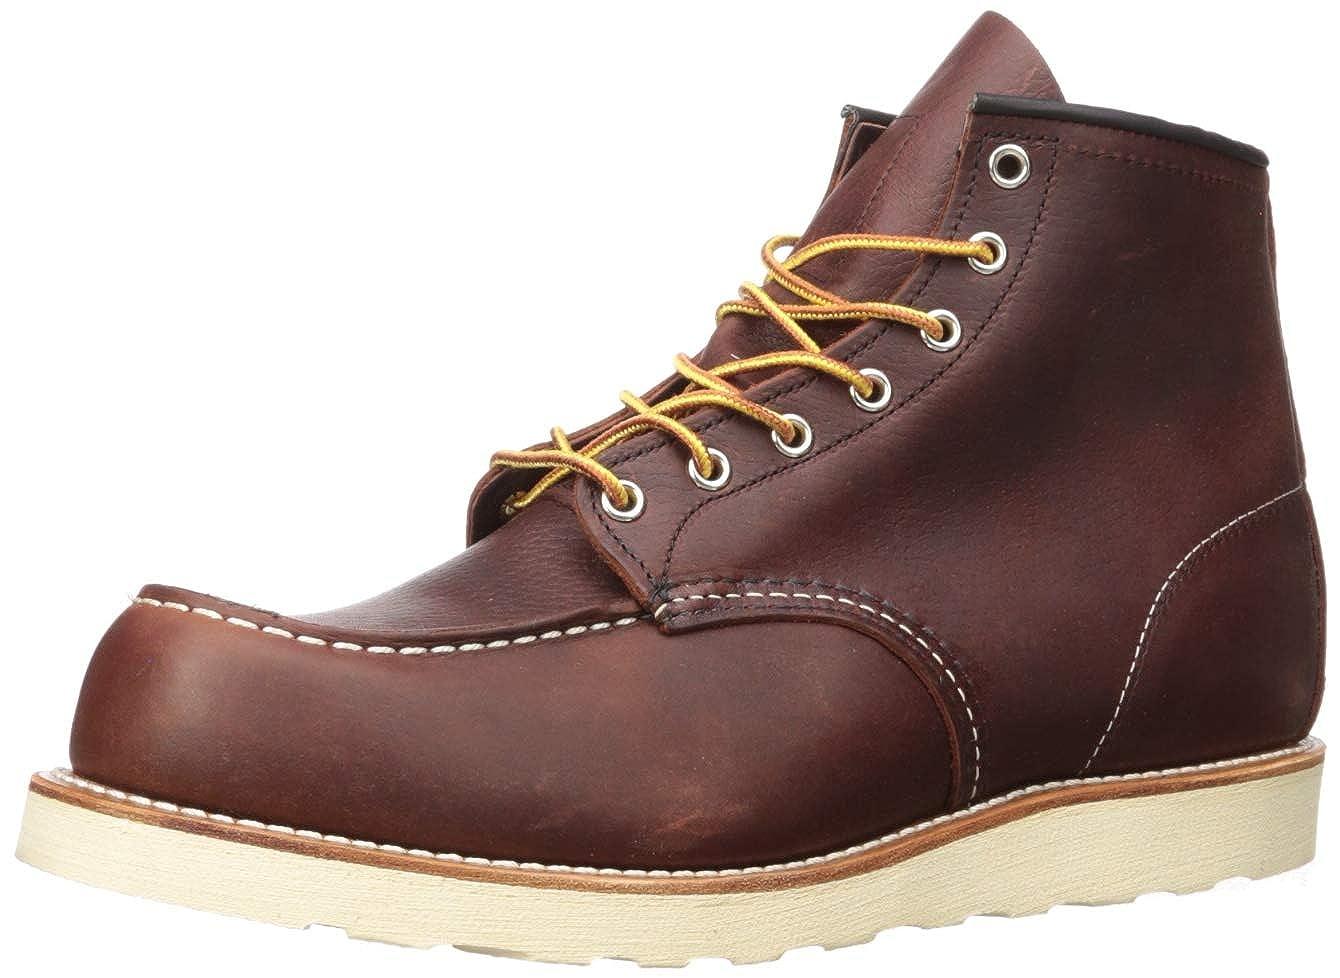 Red Wing Shoes - Zapatos de Cordones de Cuero para Hombre